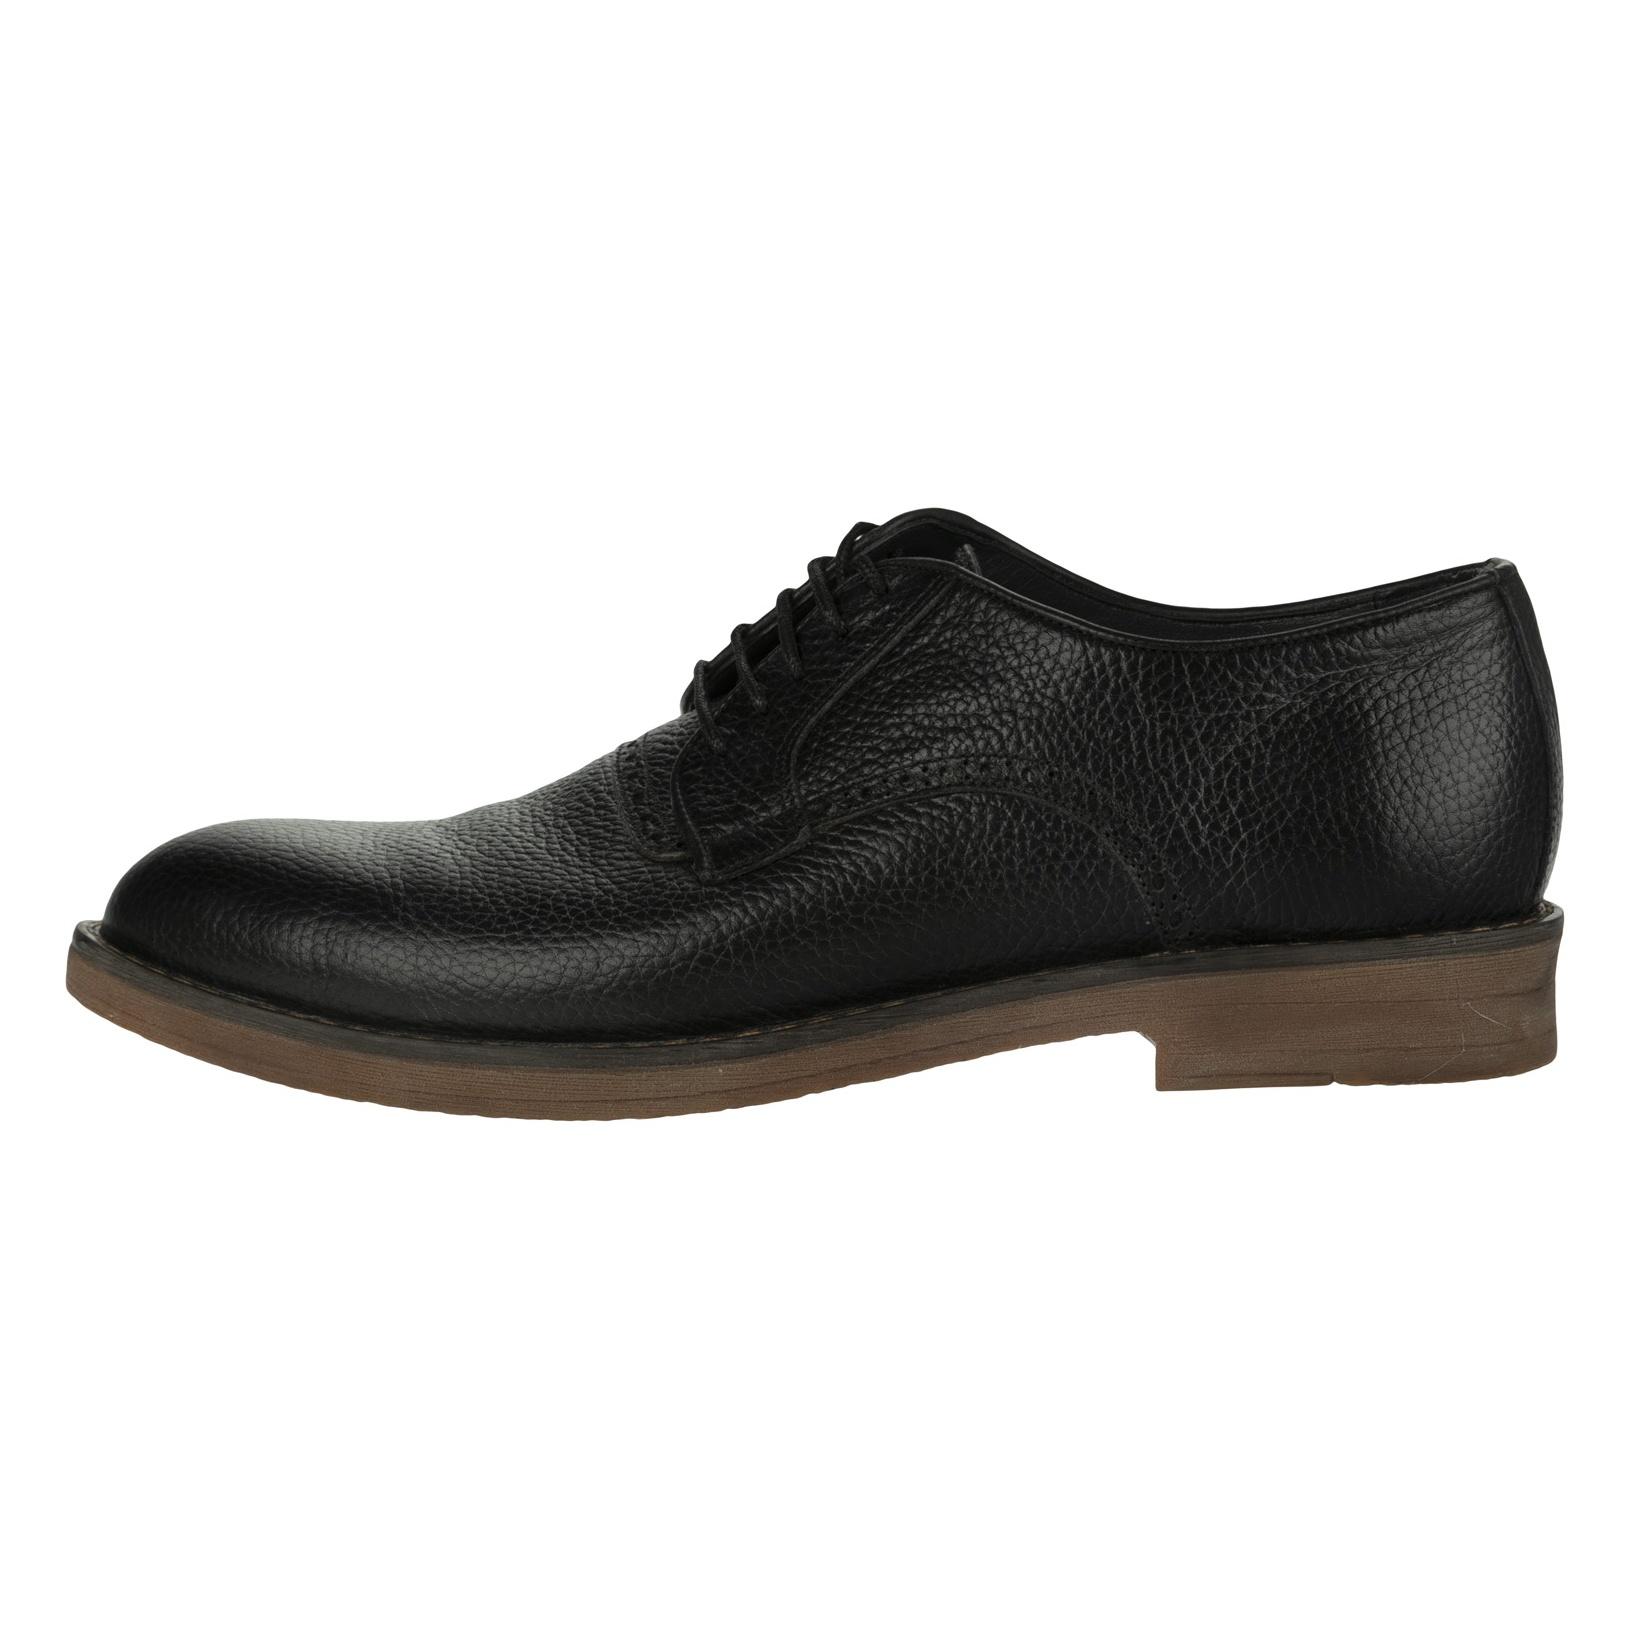 قیمت خرید کفش مردانه ساتین مدل SN7175A-101 اورجینال